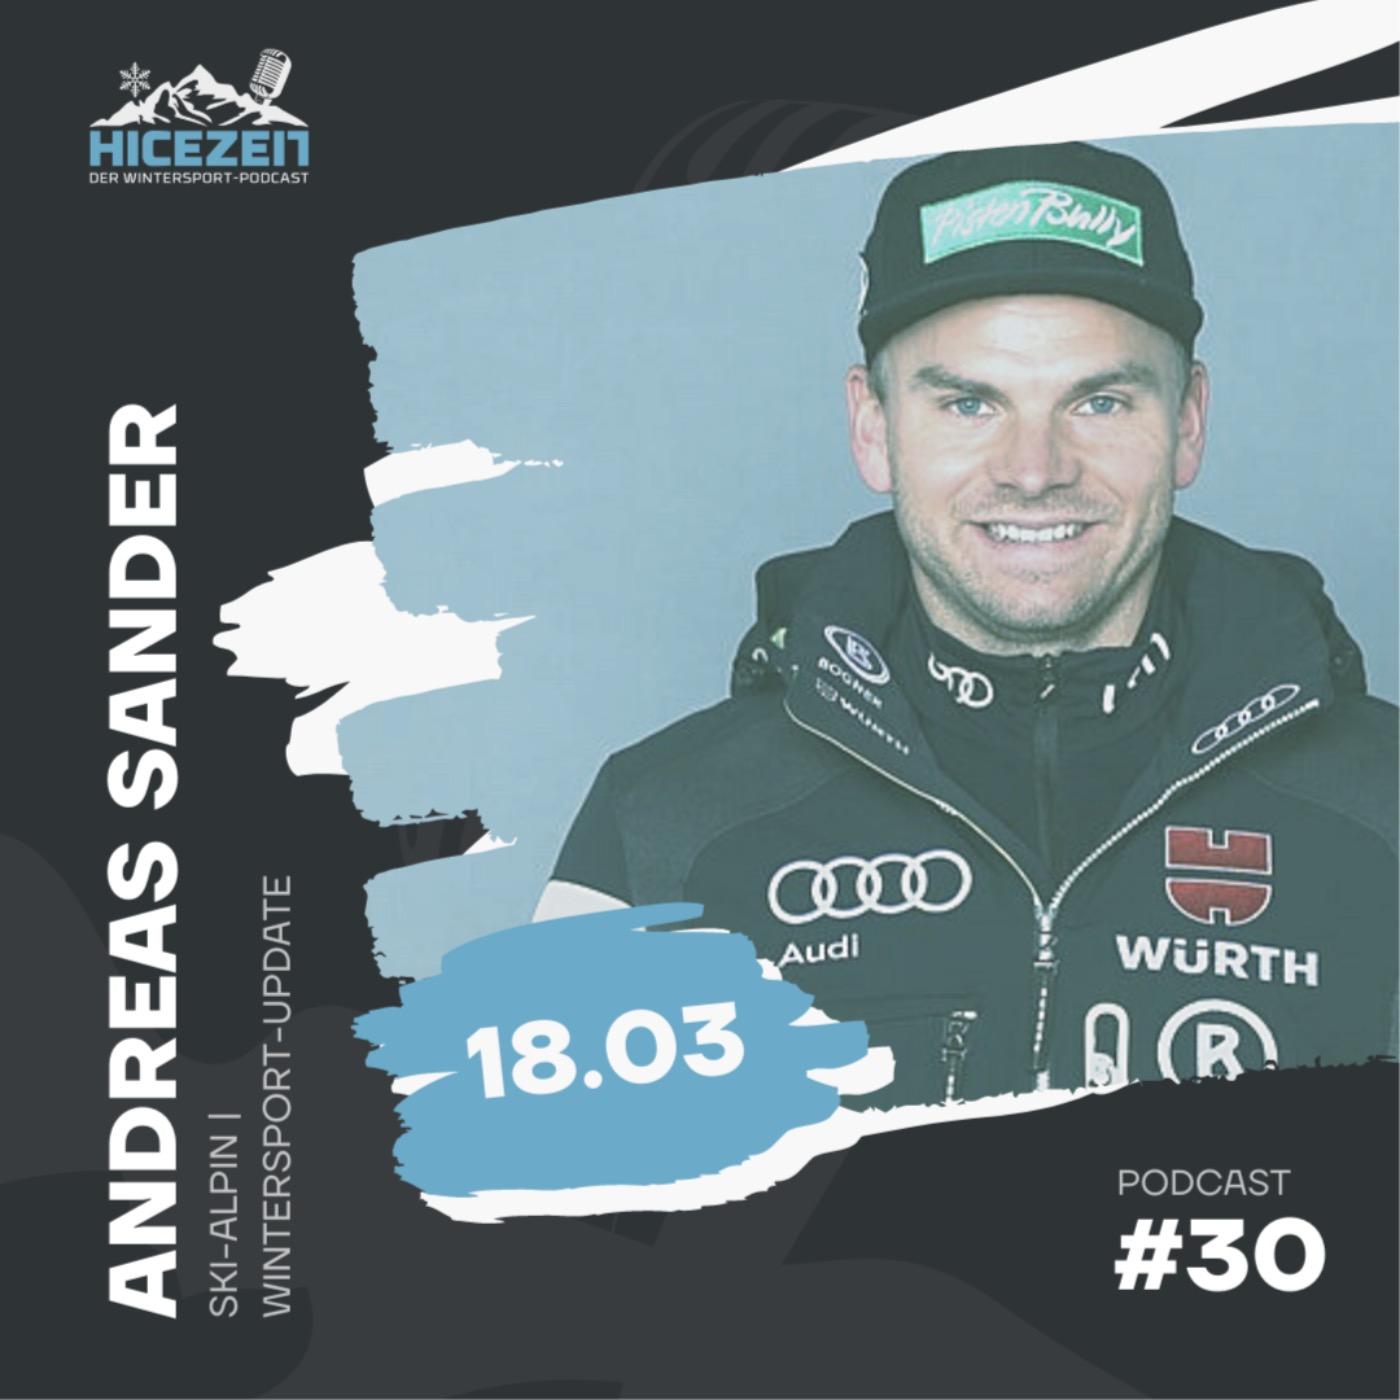 Andreas Sander, Ski-Alpin, Wintersport-Update, Der Wintersport-Podcast Folge 30